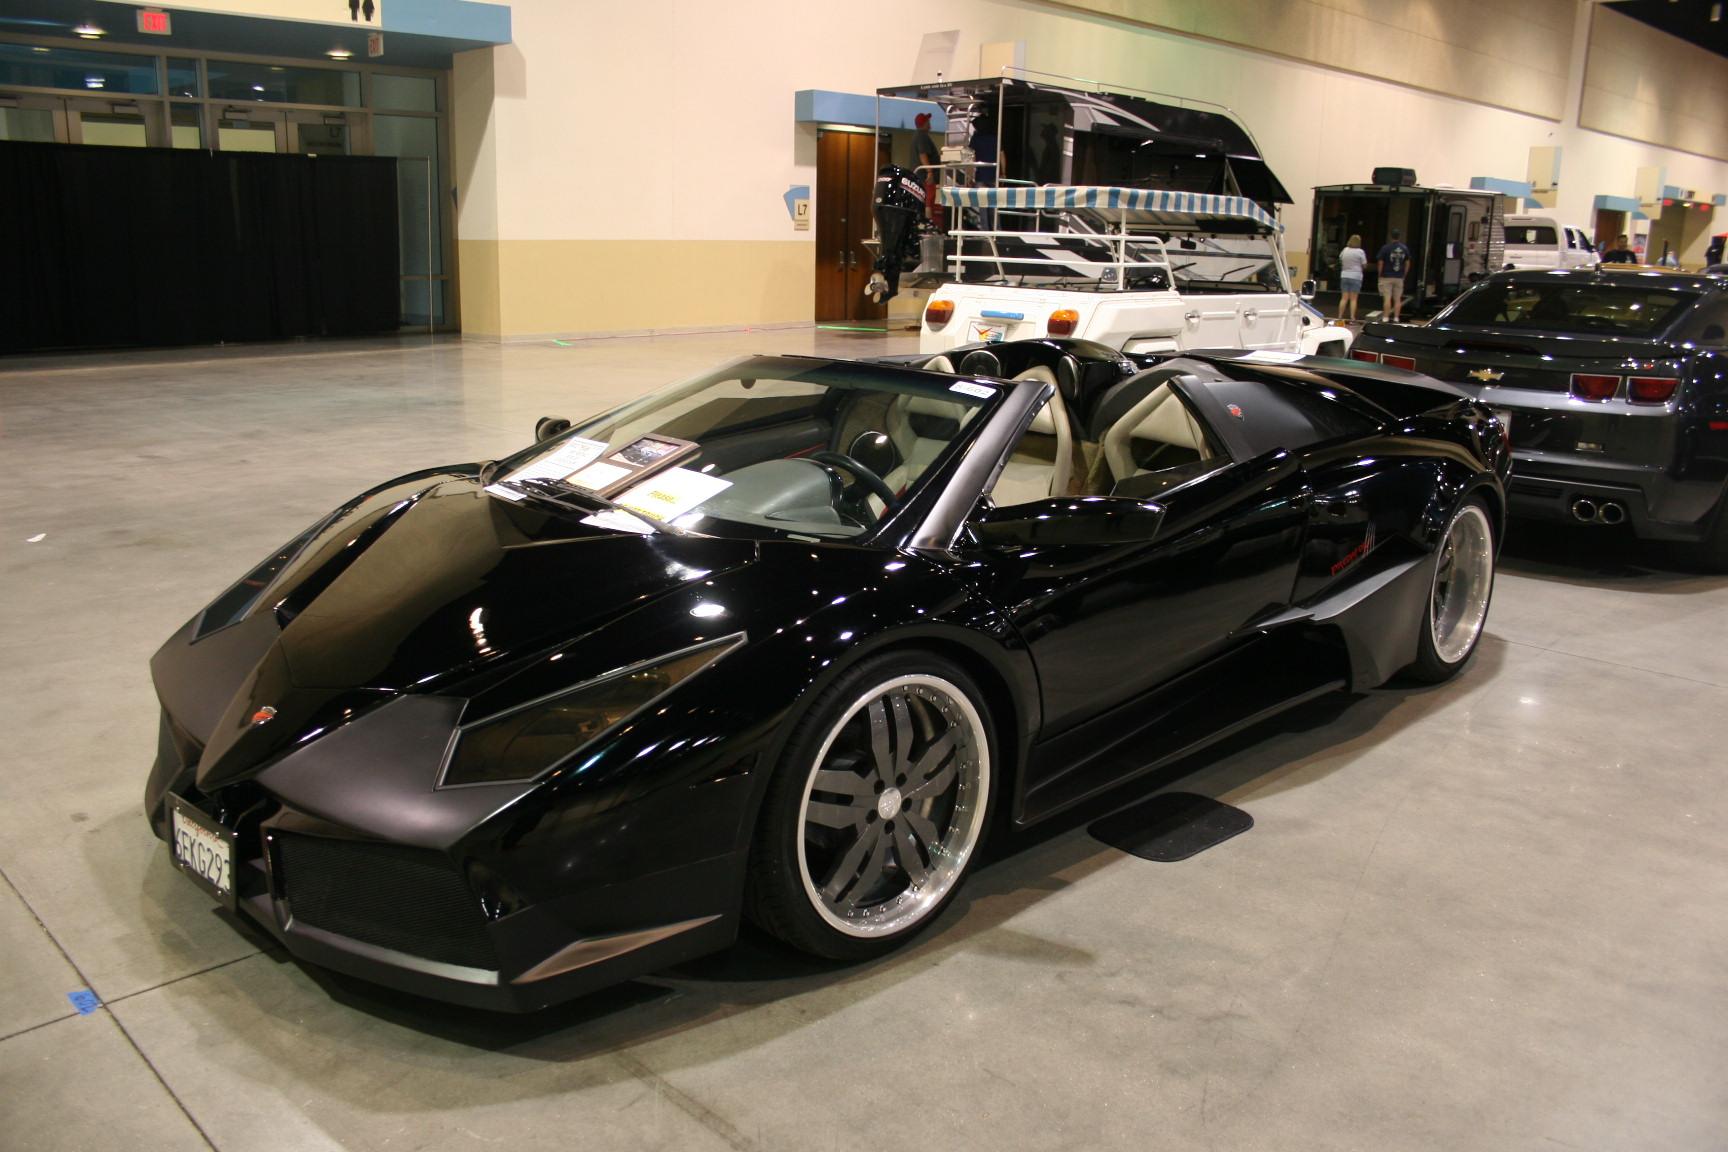 1988 Pontiac Fiero Gt For Sale At Vicari Auctions Biloxi 2018